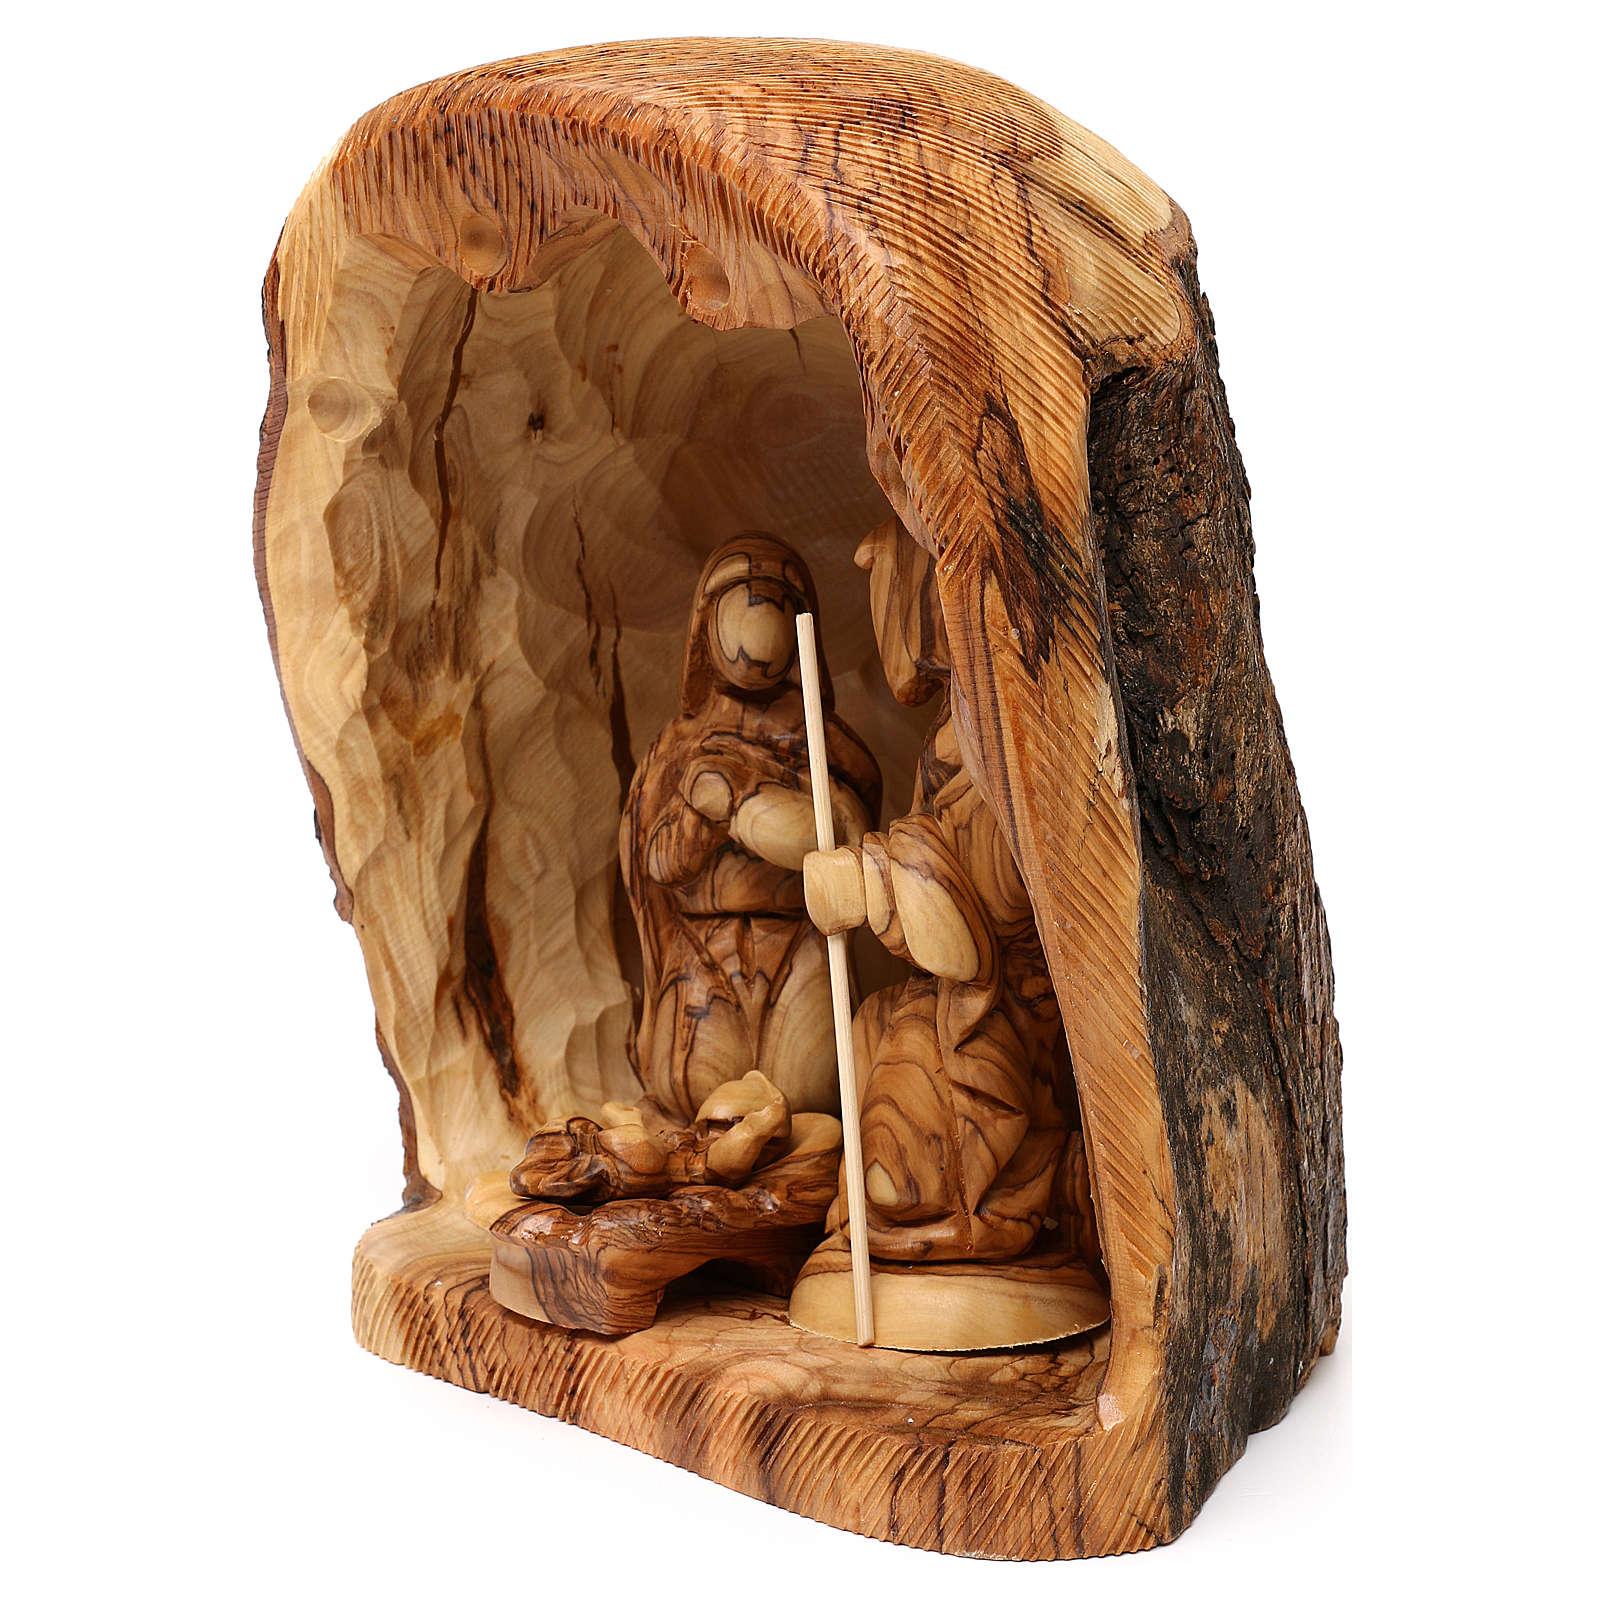 Capanna con Natività 3 pz in legno d'ulivo Betlemme 25x20x15 cm 4